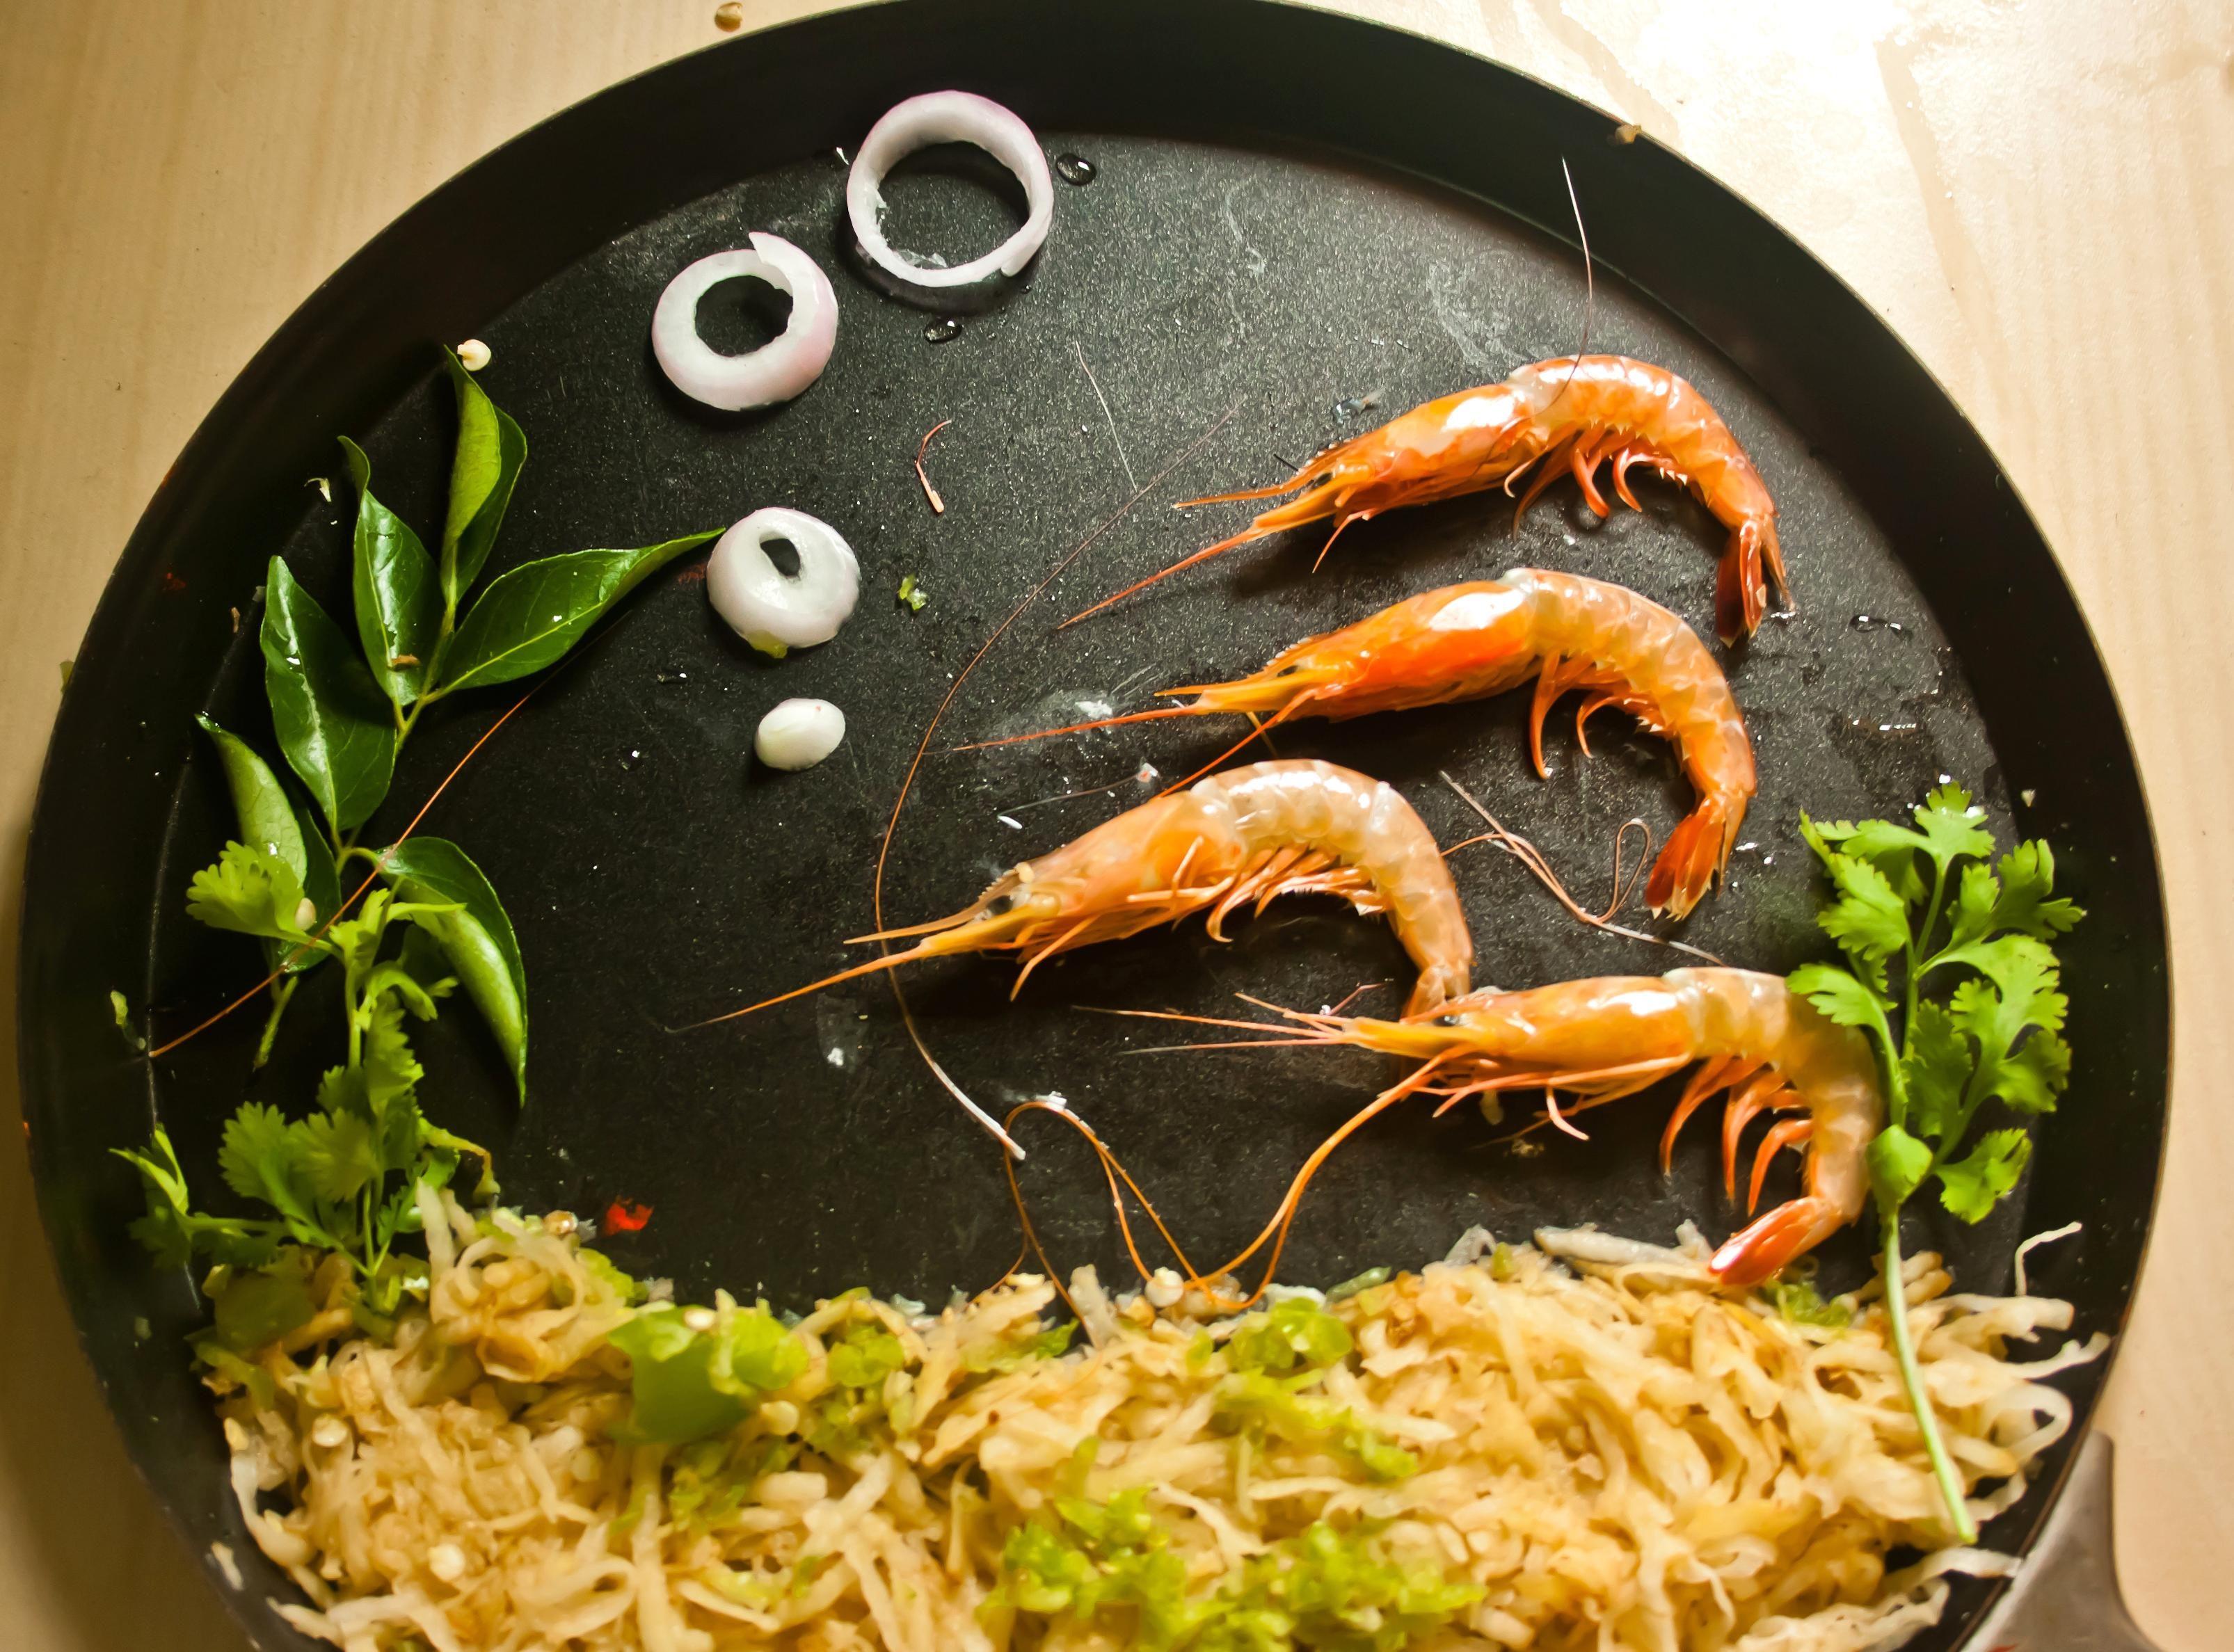 Foto gratis: Frutti di mare, decorazione, cucina, cibo, arte, dieta